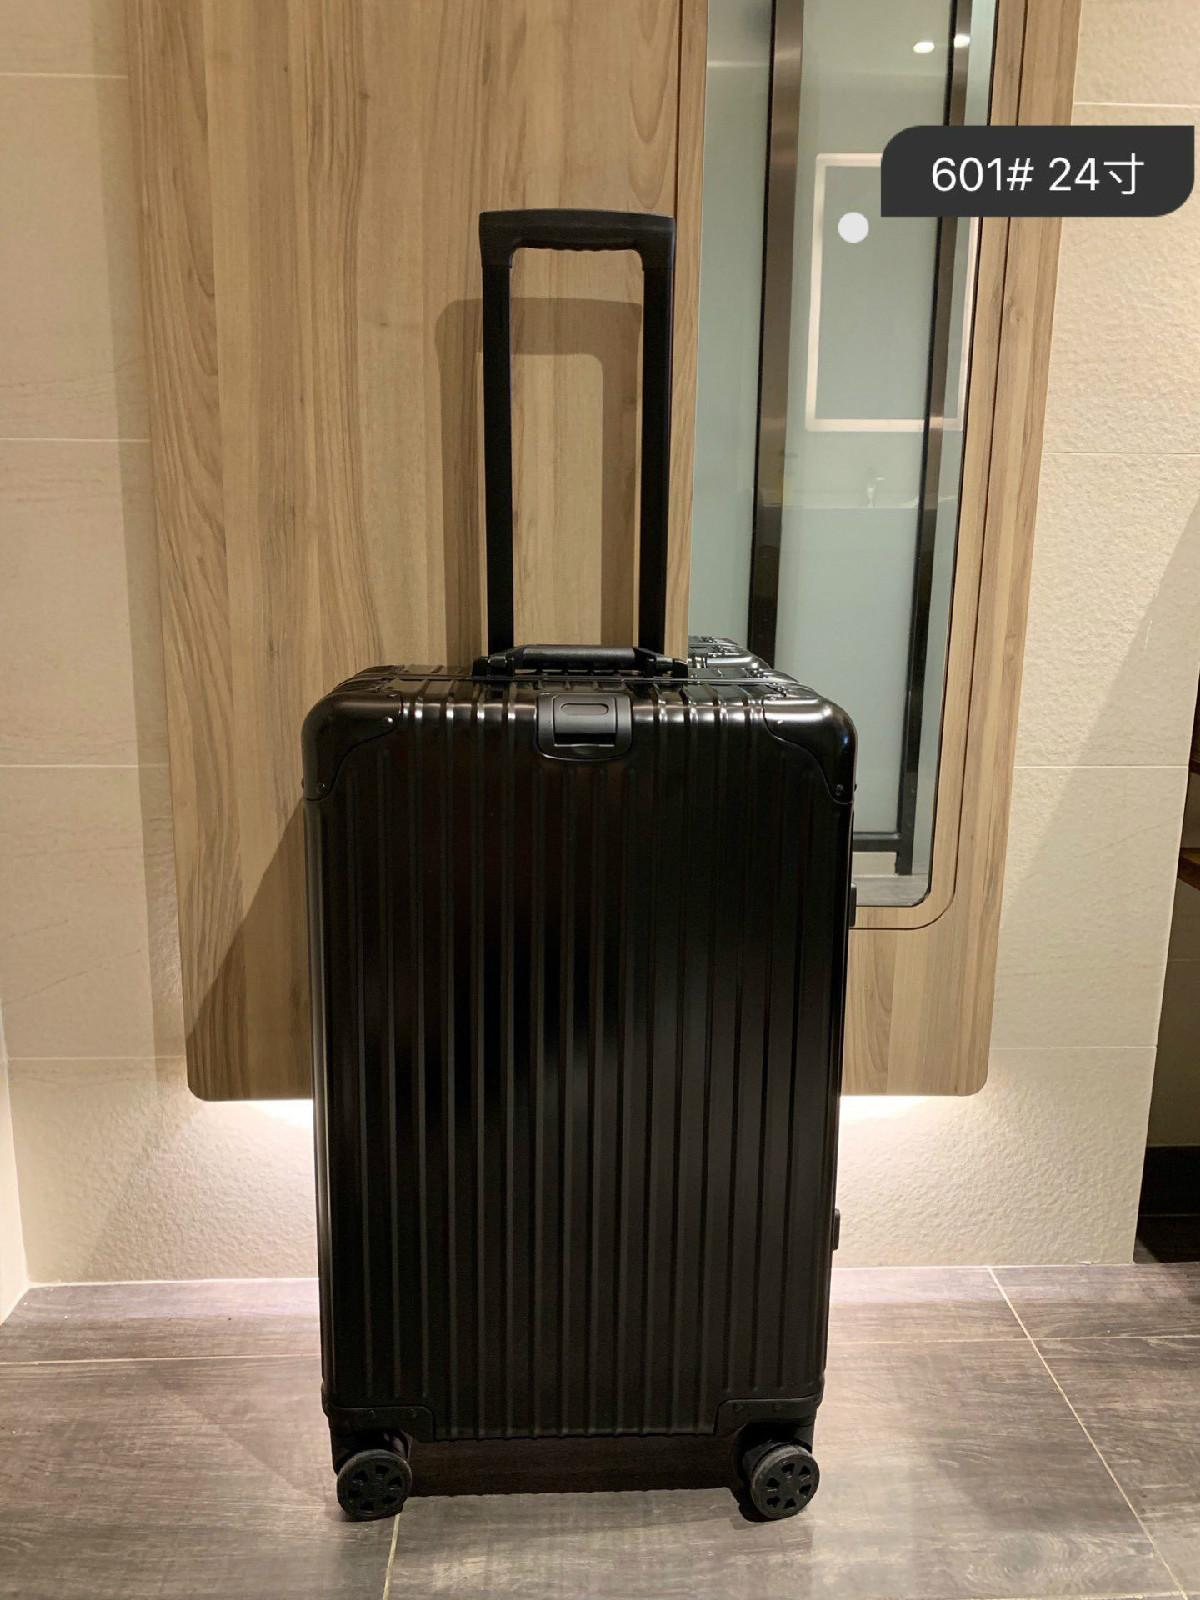 قفل جودة عالية PC مكافحة ارتداء الجمارك TSA المادي سميكة سبائك الألومنيوم حقيبة الزاوية سعة كبيرة حقيبة السفر حالة الهواء 20 بوصة 1